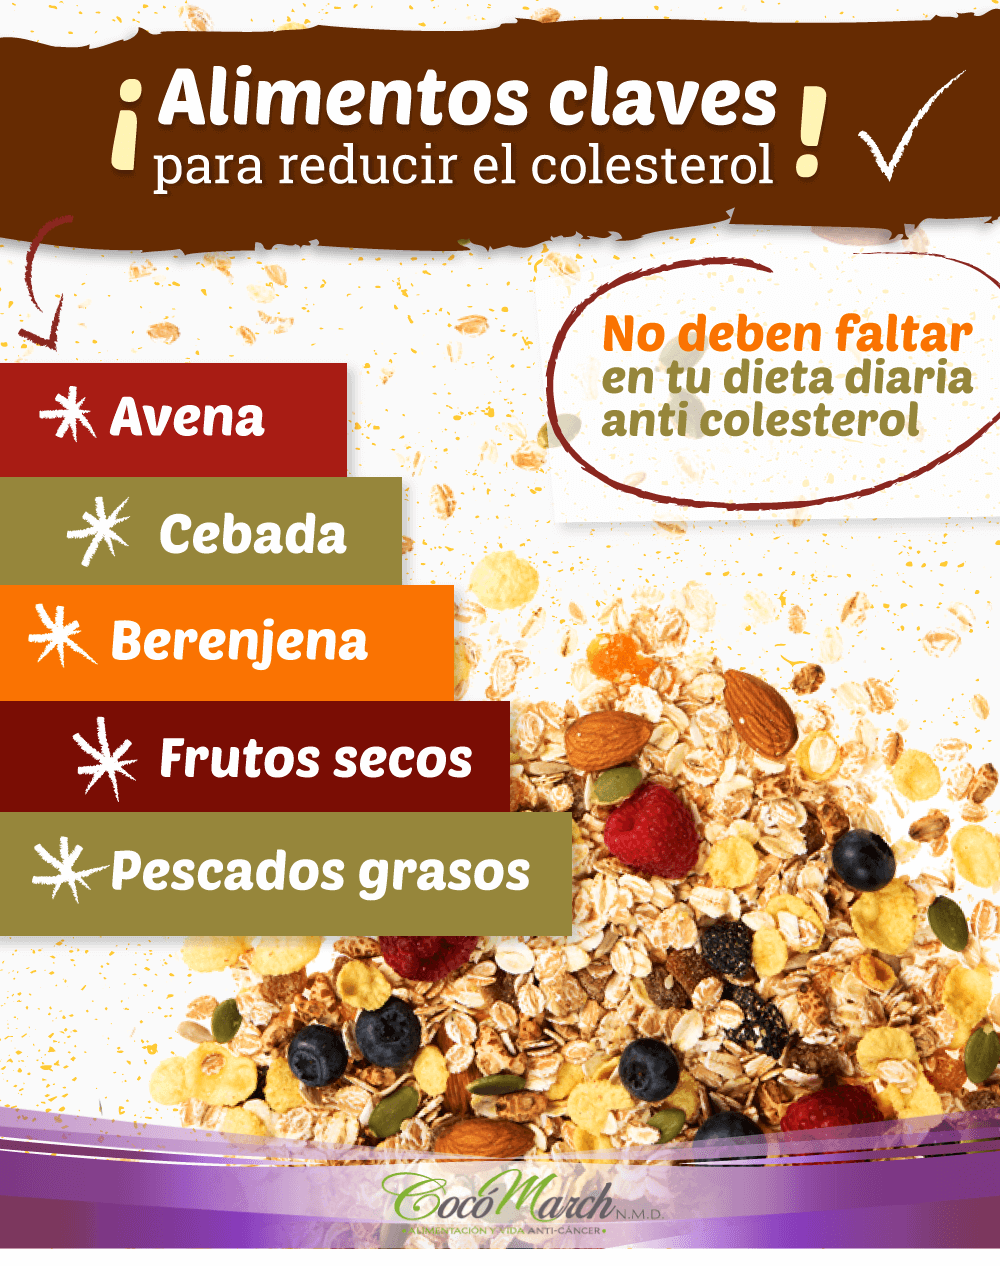 alimentos-para-reducir-el-colesterol